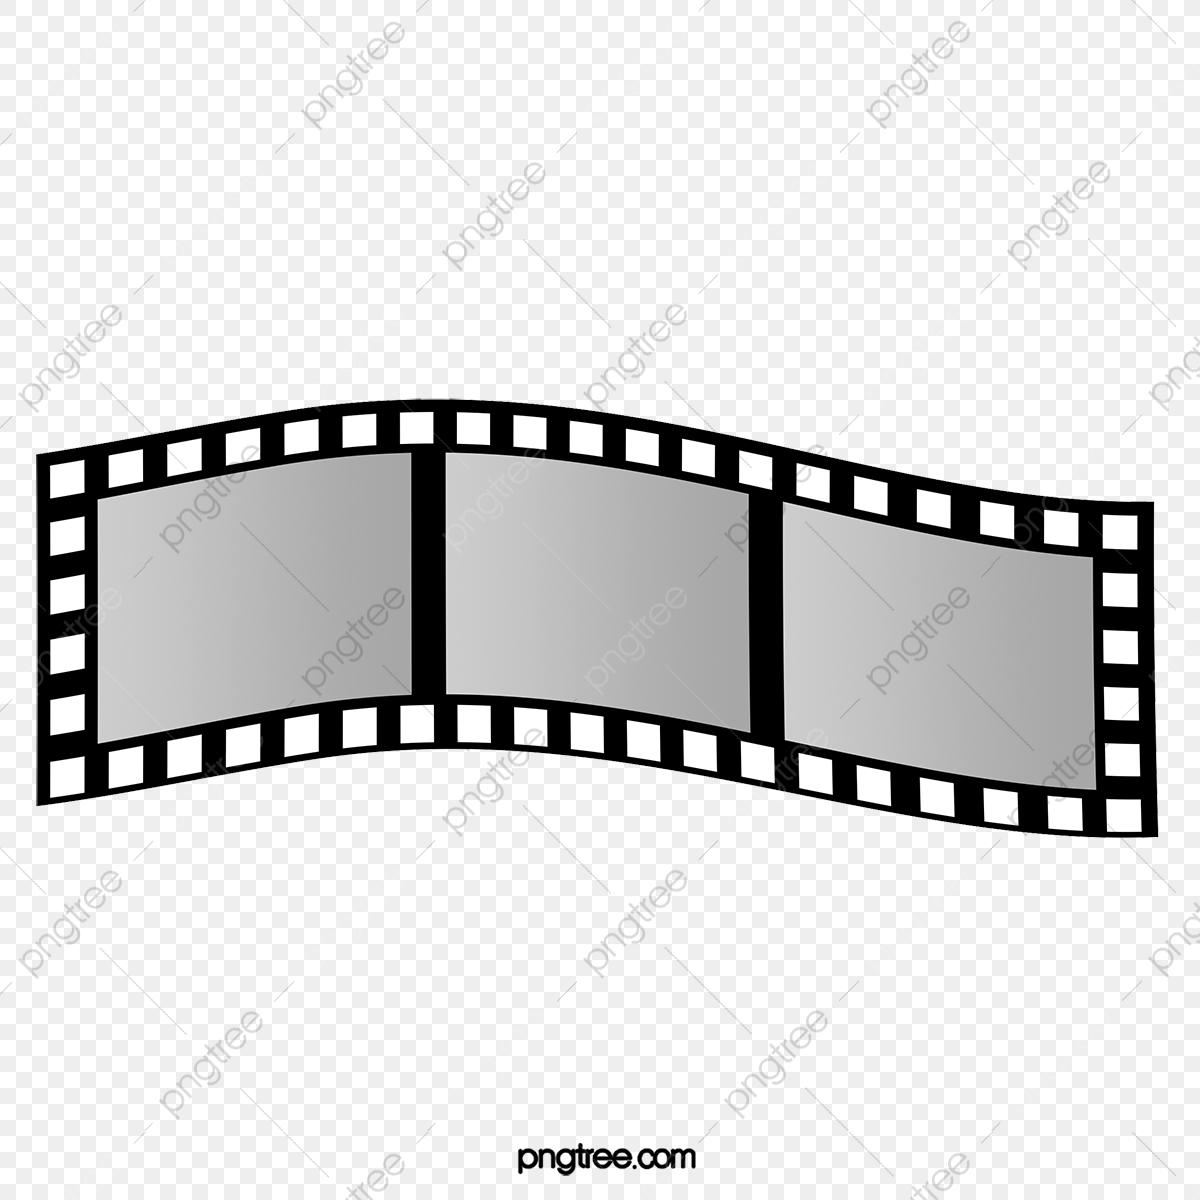 Video, Tira De Película, Elementos De Pelicula, Retro.